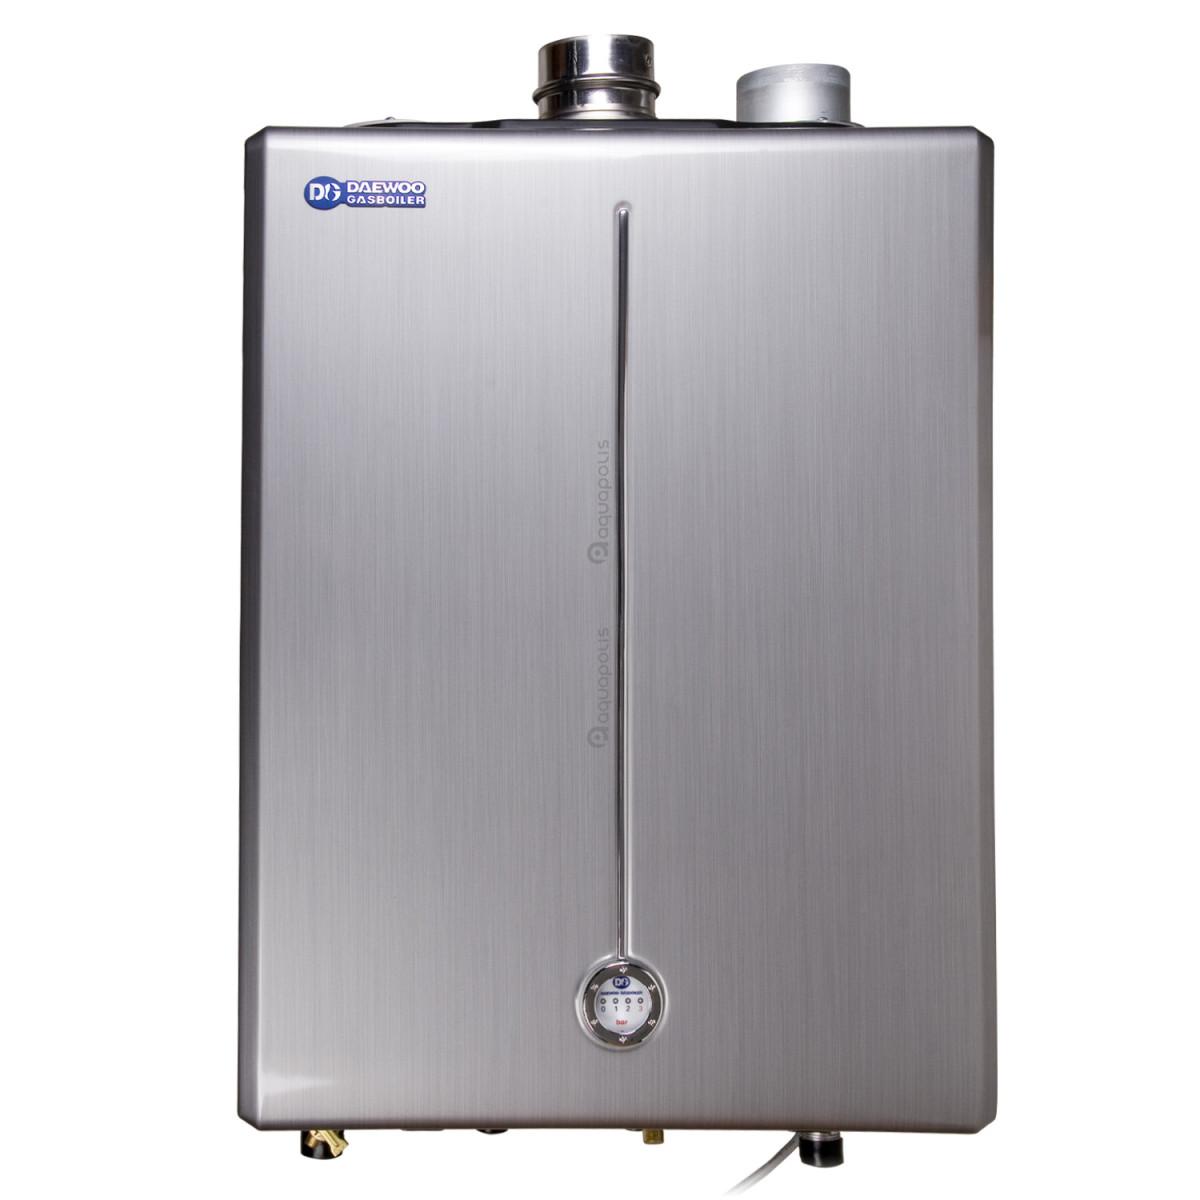 Газовый конденсационный котел Daewoo DGB-250 MES